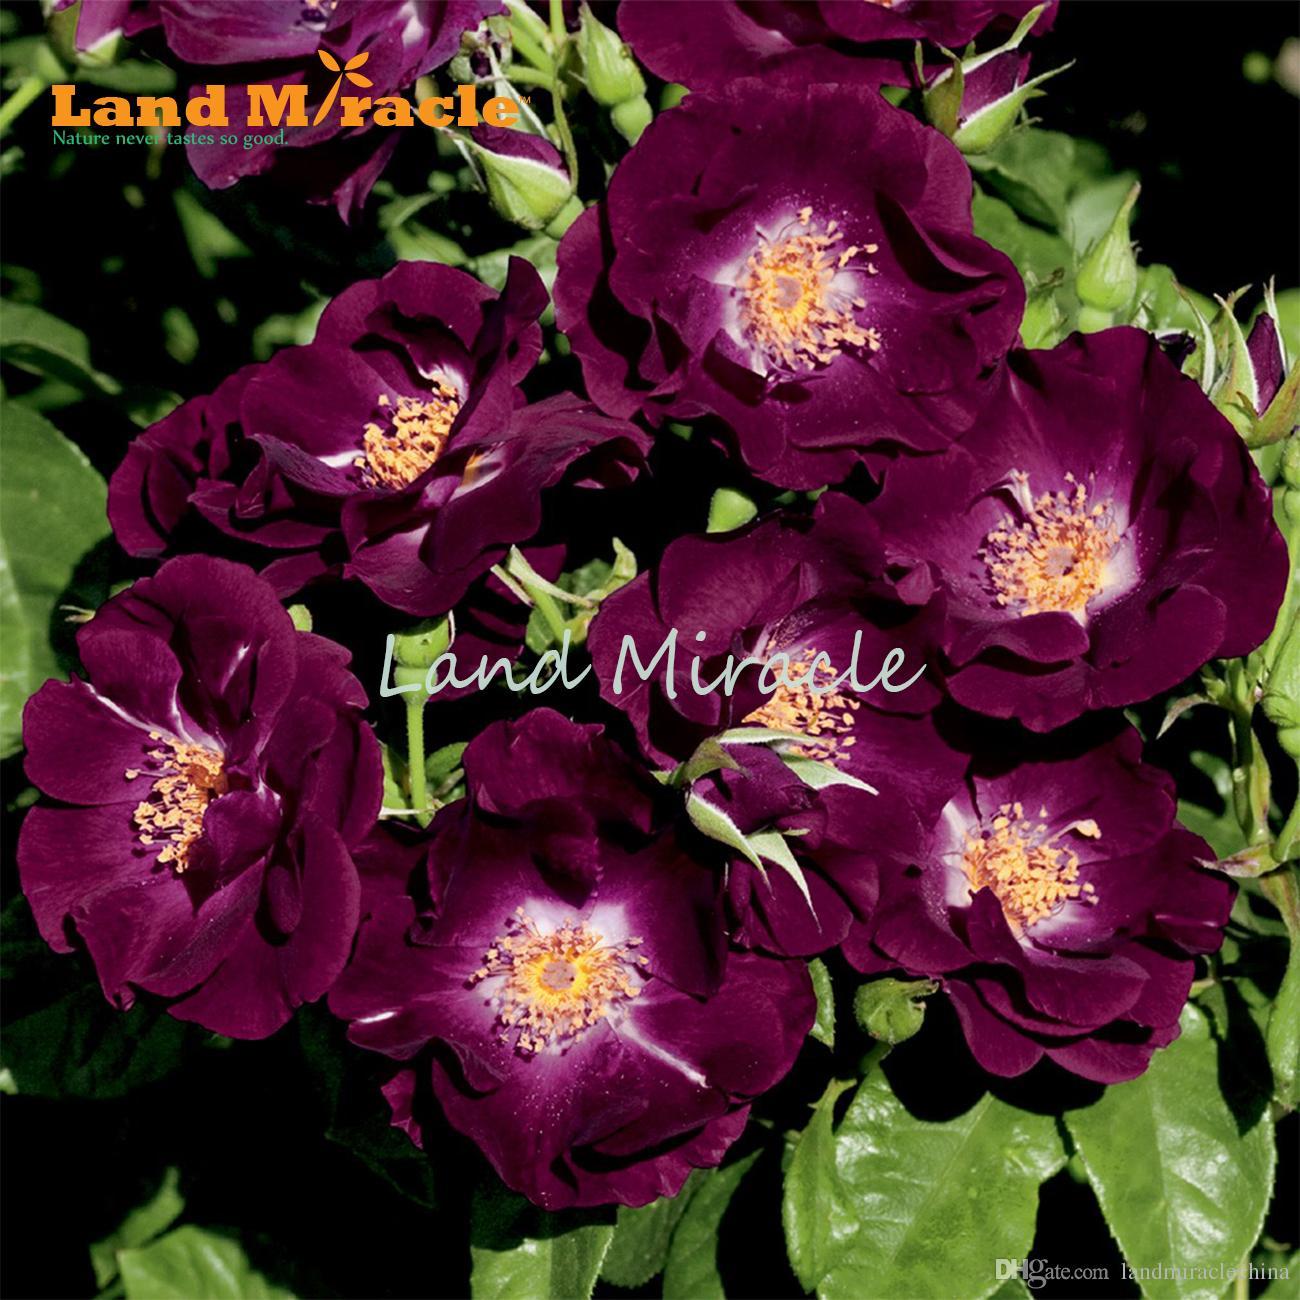 Rosa Rampicante In Vaso acquista cina rosa rampicante semi, 100 semi / pack, cortile pianta semi di  rosa viola bonsai casa giardino w / forte fragranza bonsai fiore in vaso a